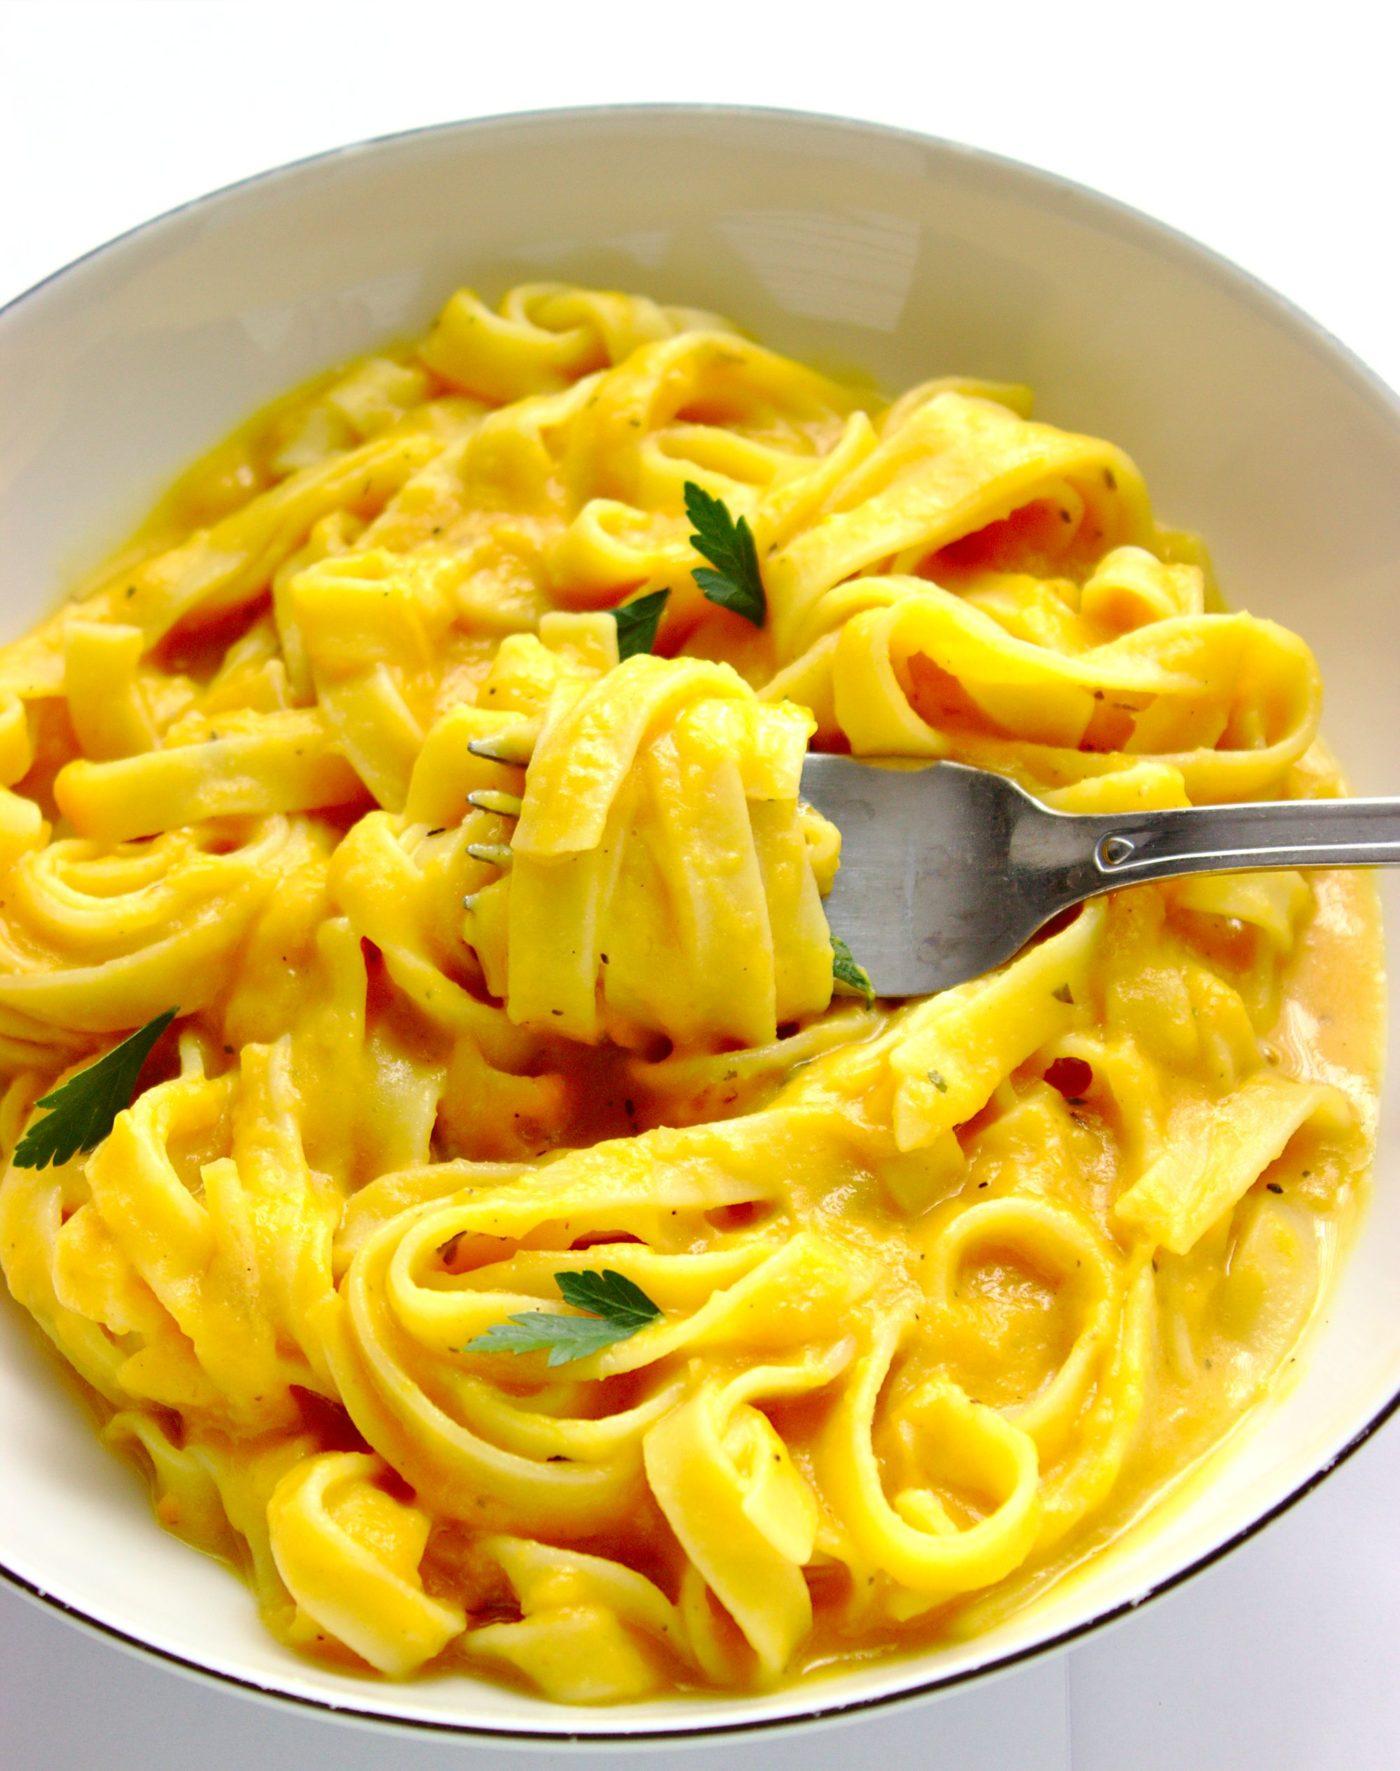 Makaron tagliatelle w sosie z pieczonych batatów to zdrowy wegetariański obiad. Pomysł na makaron